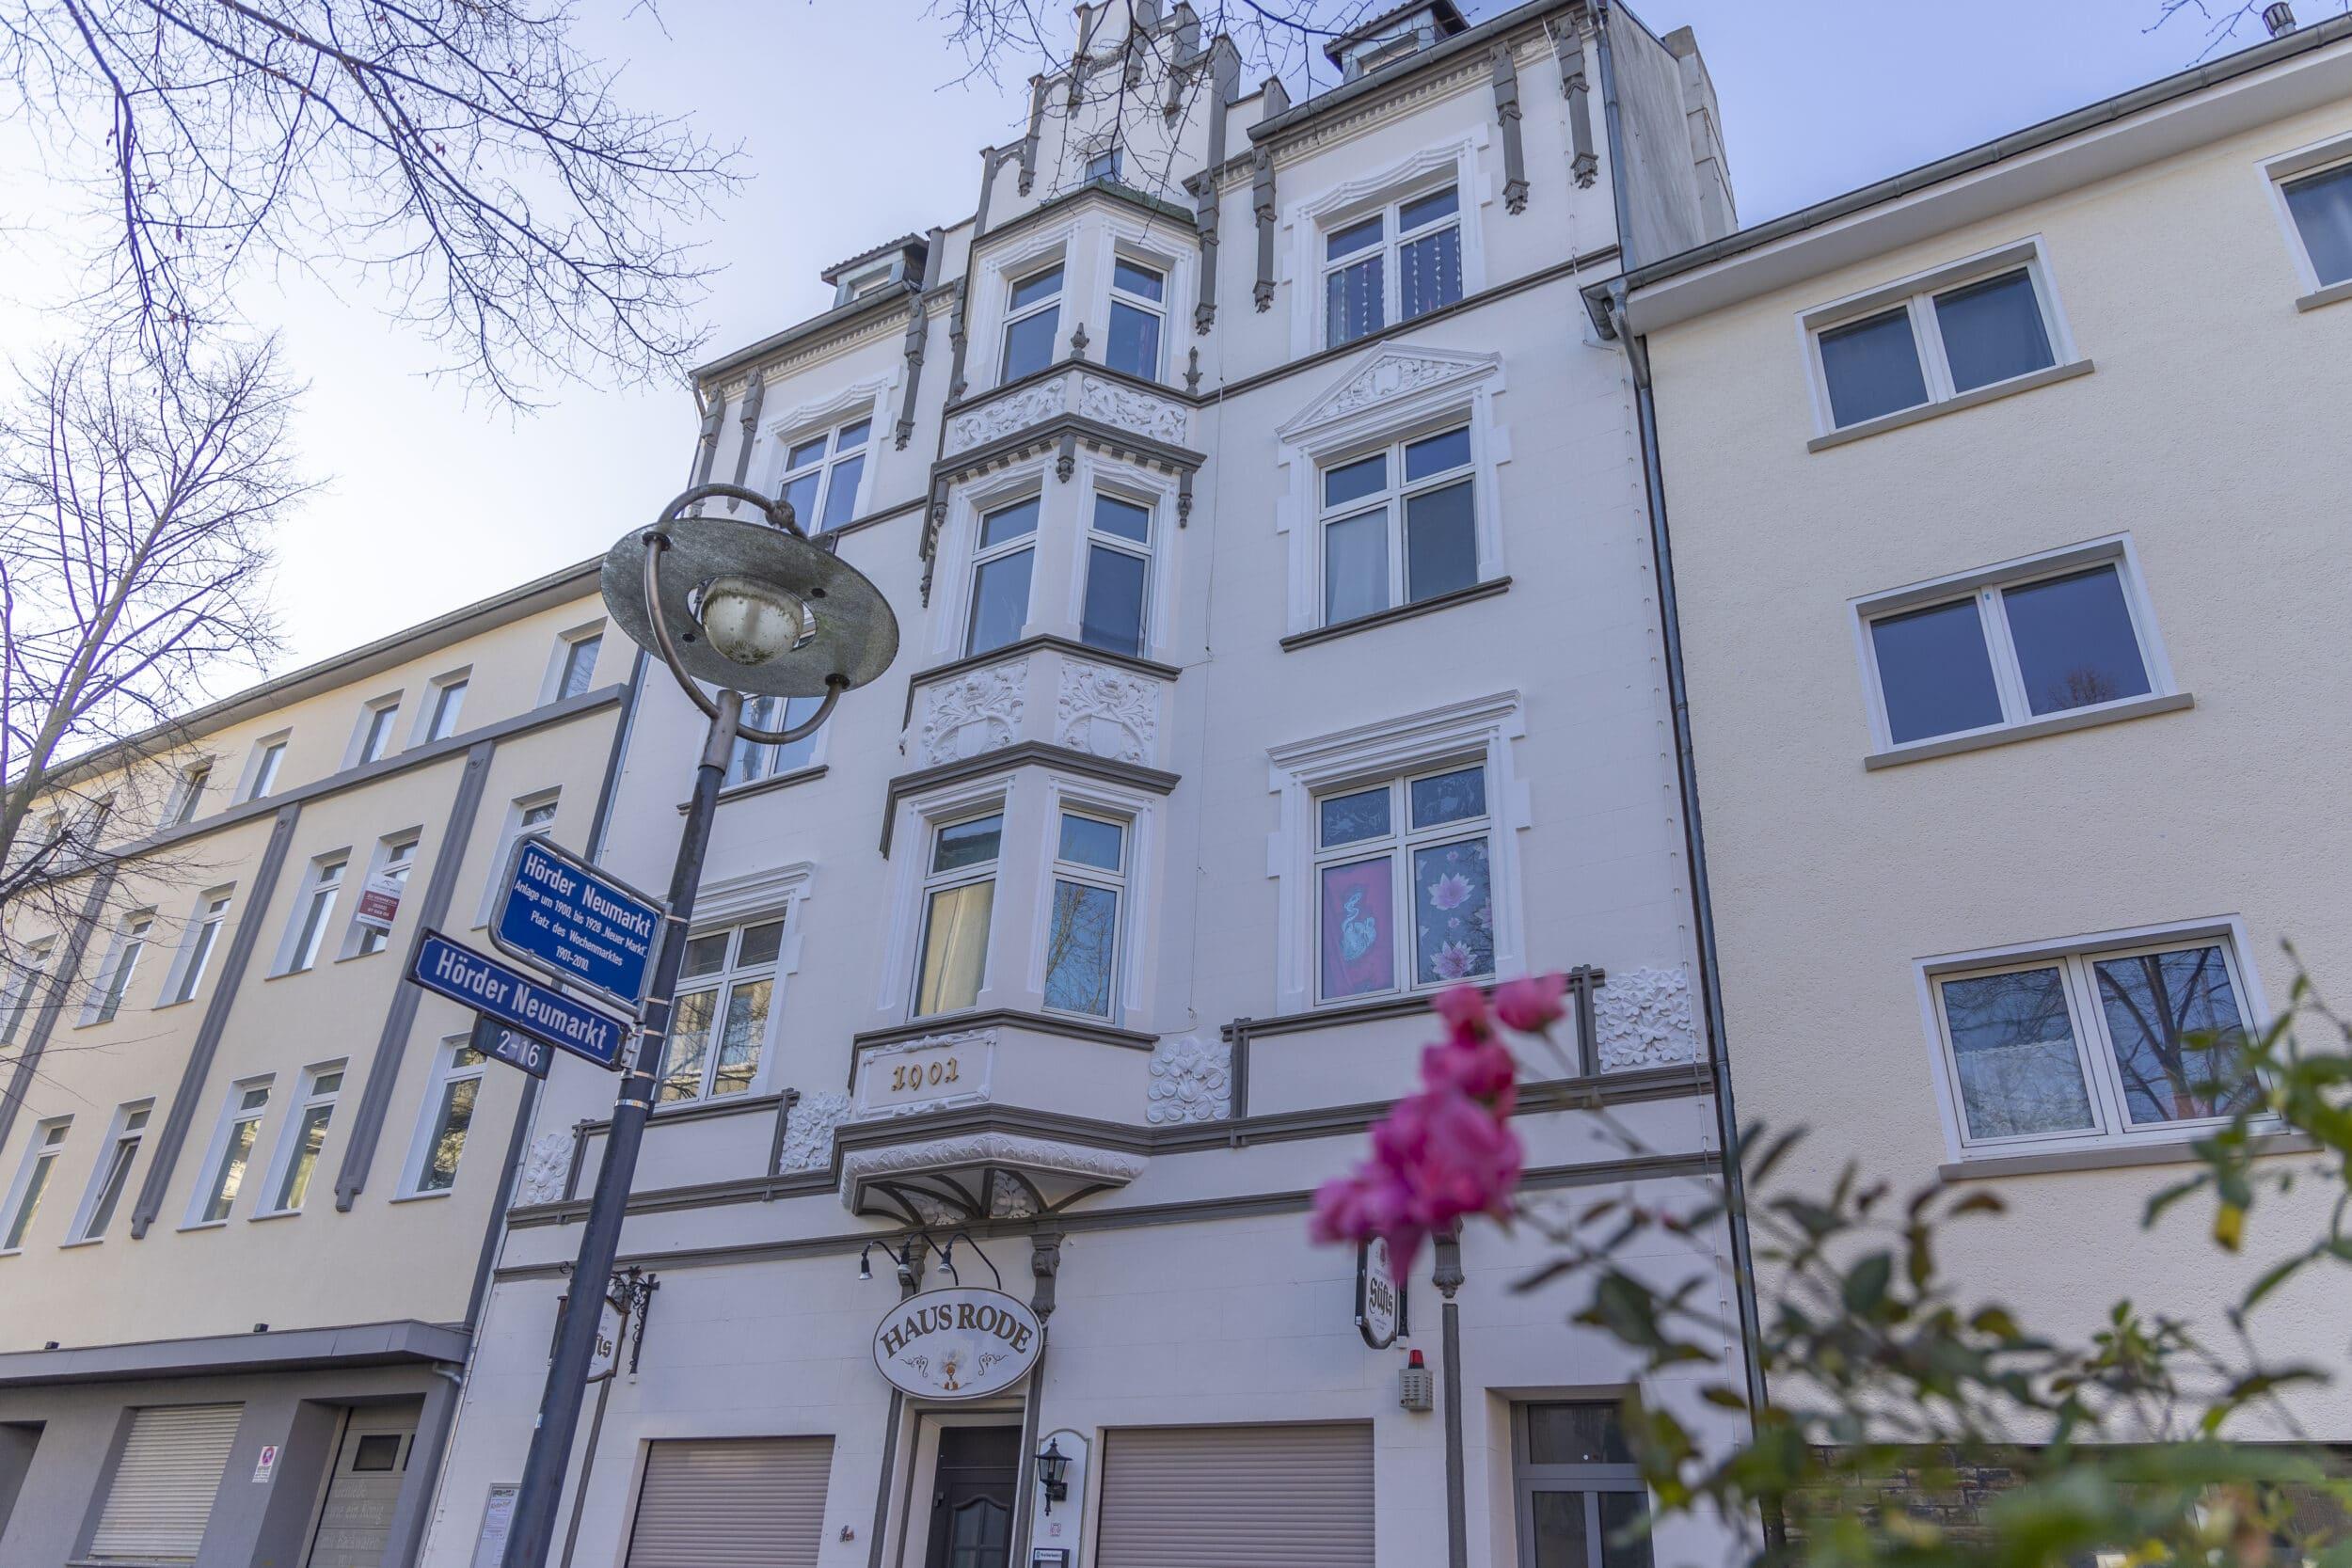 Haus Rode am Rande des Hörder Neumarkts. (Foto: Wir in Dortmund)